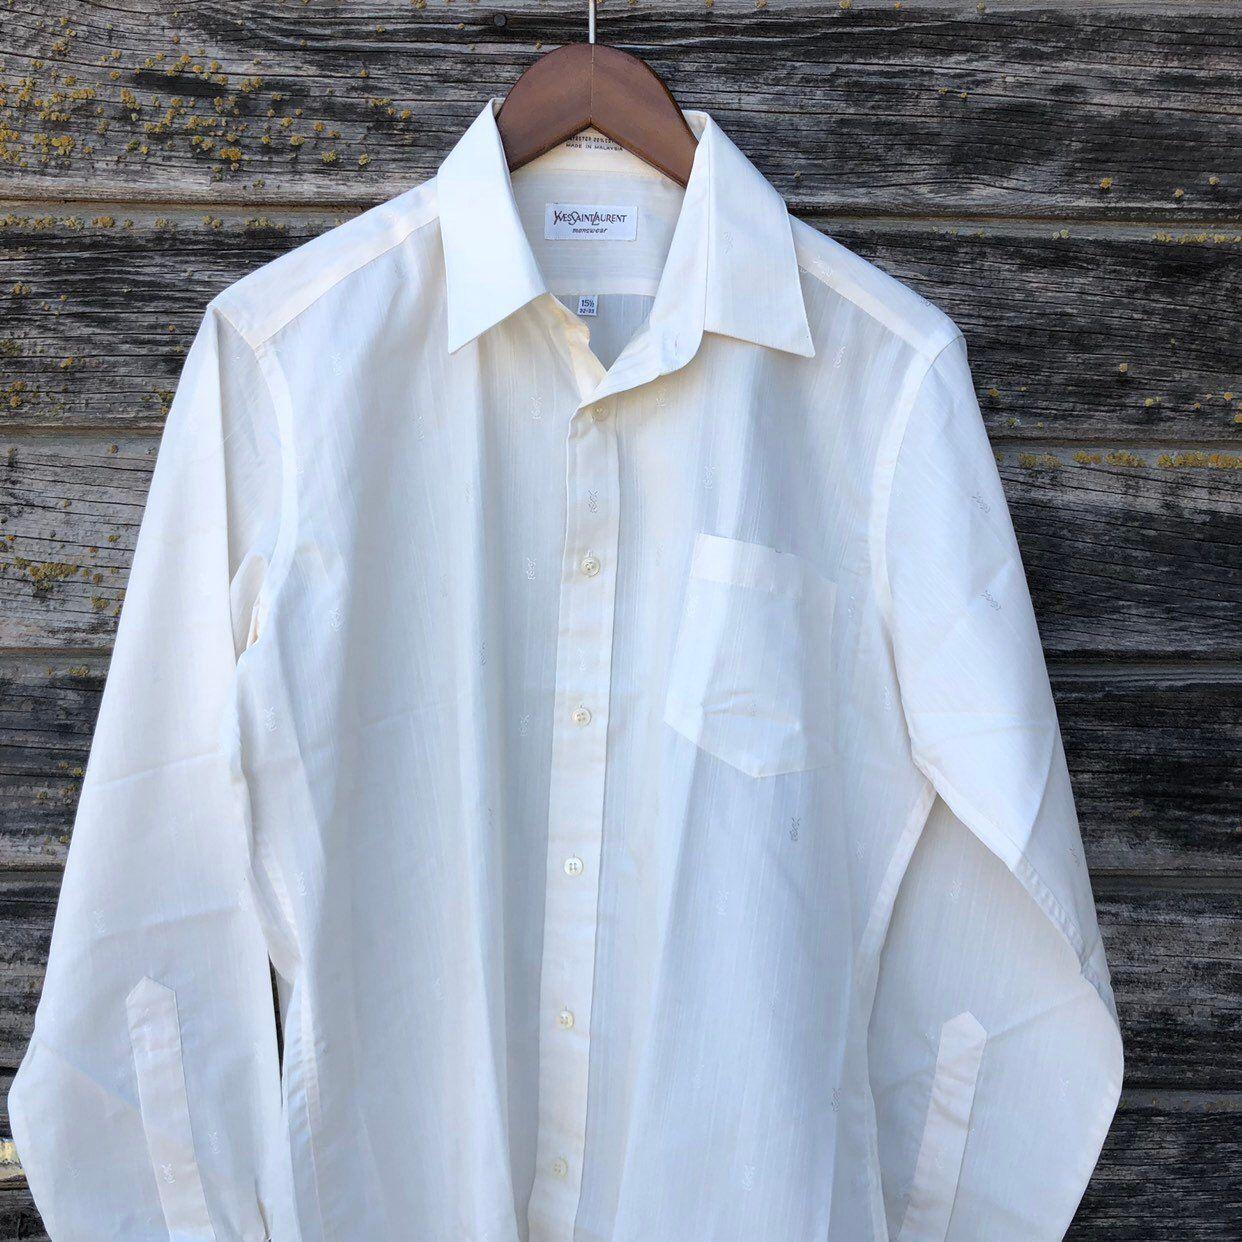 Vintage Ysl Shirt M Yves Saint Laurent Long Sleeve Dress Shirt Etsy Long Sleeve Shirt Dress Long Sleeve Shirt Men Shirts